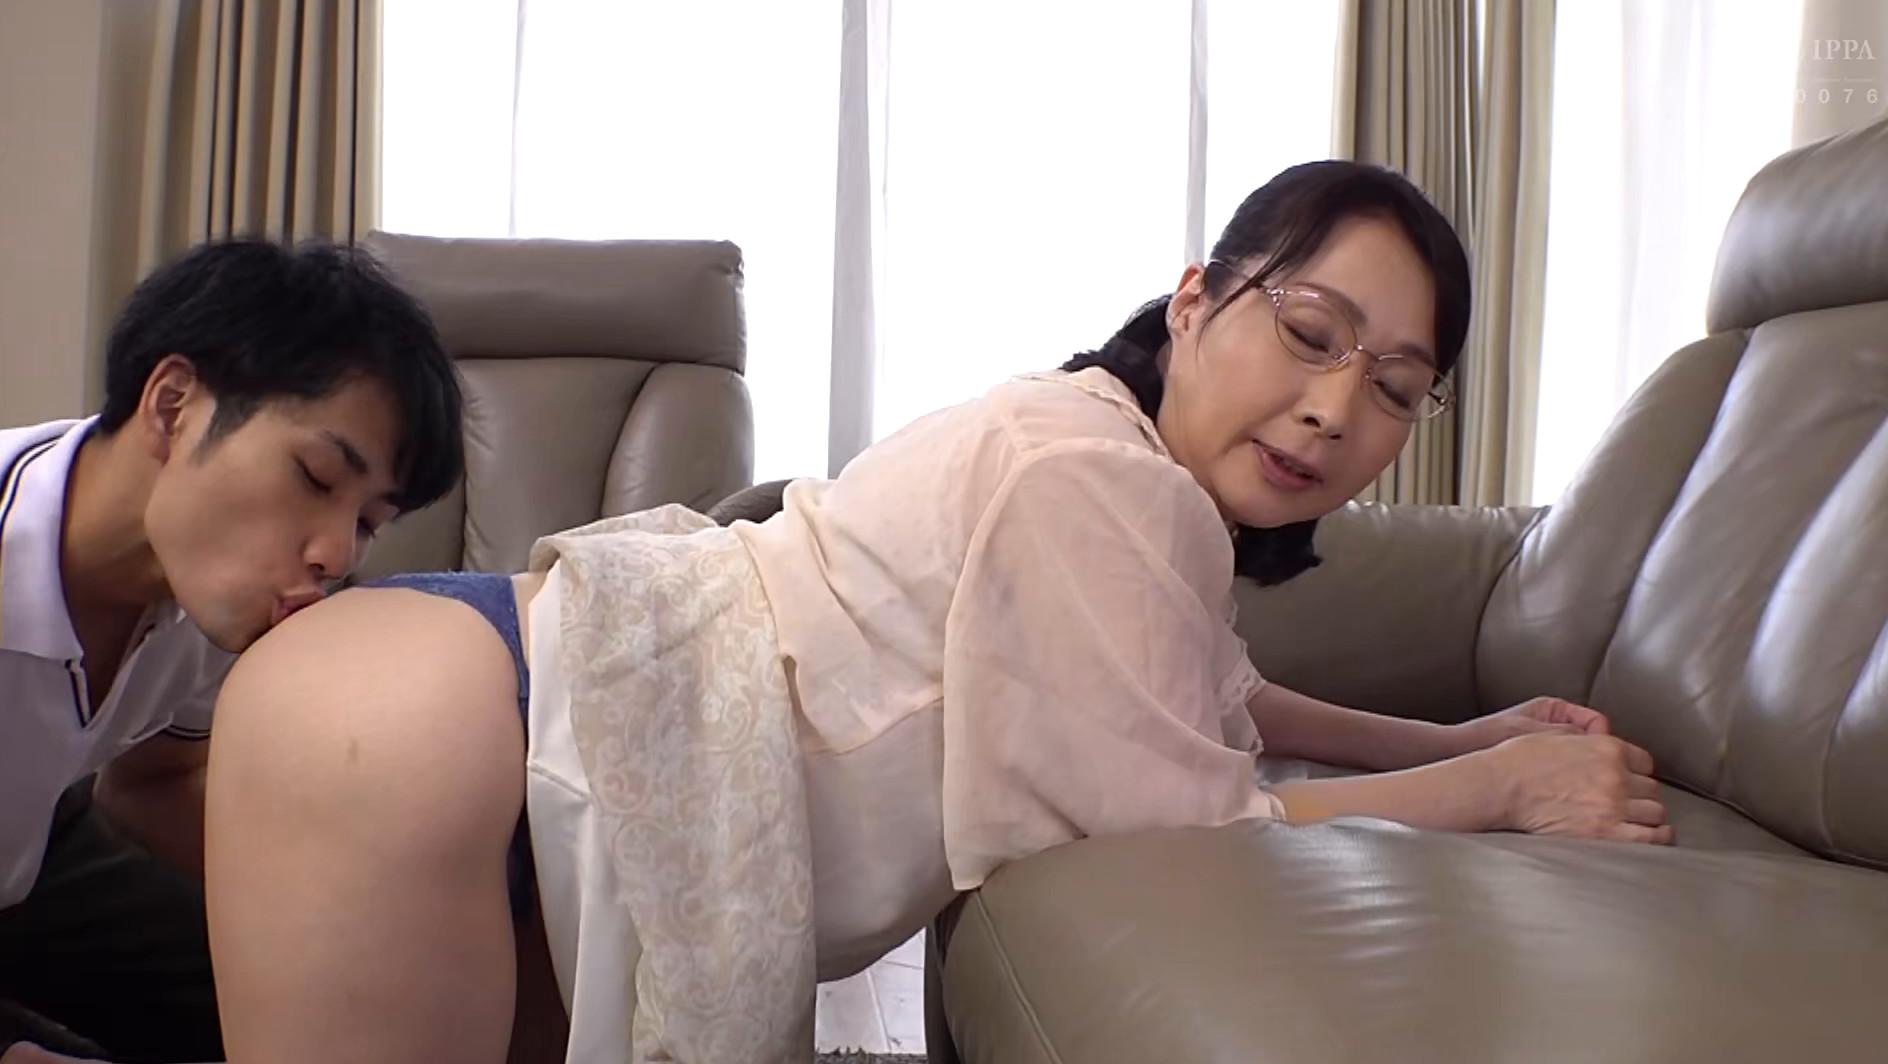 義理の息子 性欲の強い義理の息子にメロメロにされた義母 和泉亮子 画像20